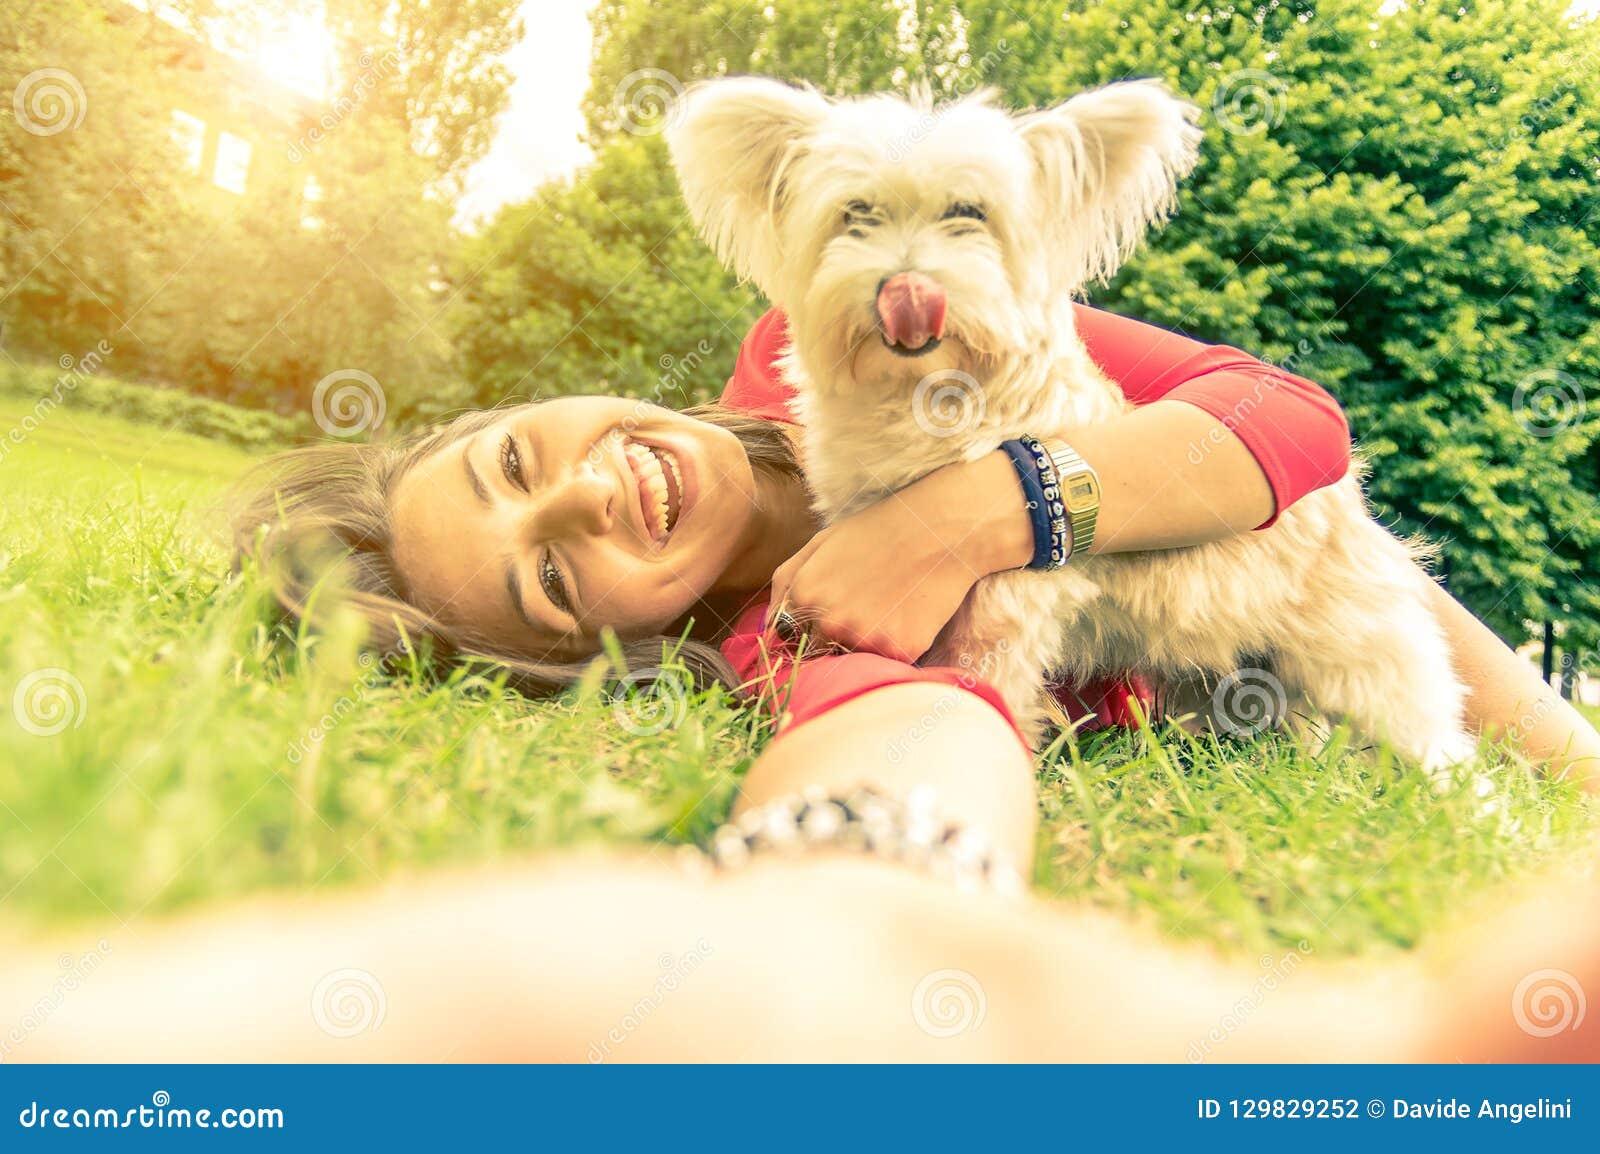 Любовь между человеком и собакой